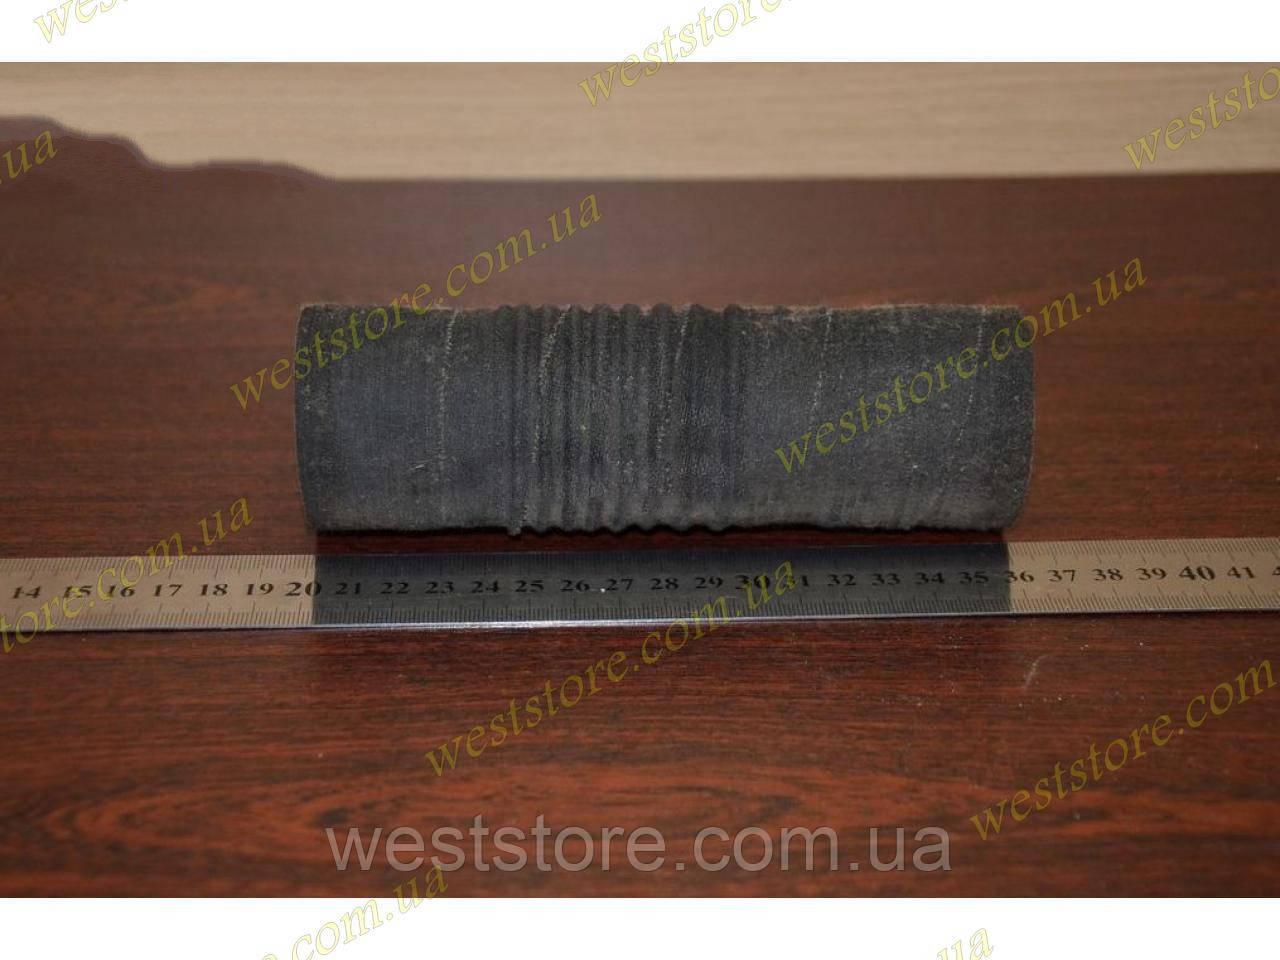 Гофра патрубок воздушного фильтра заз 1102 1103 Таврия Славута новый образец короткая